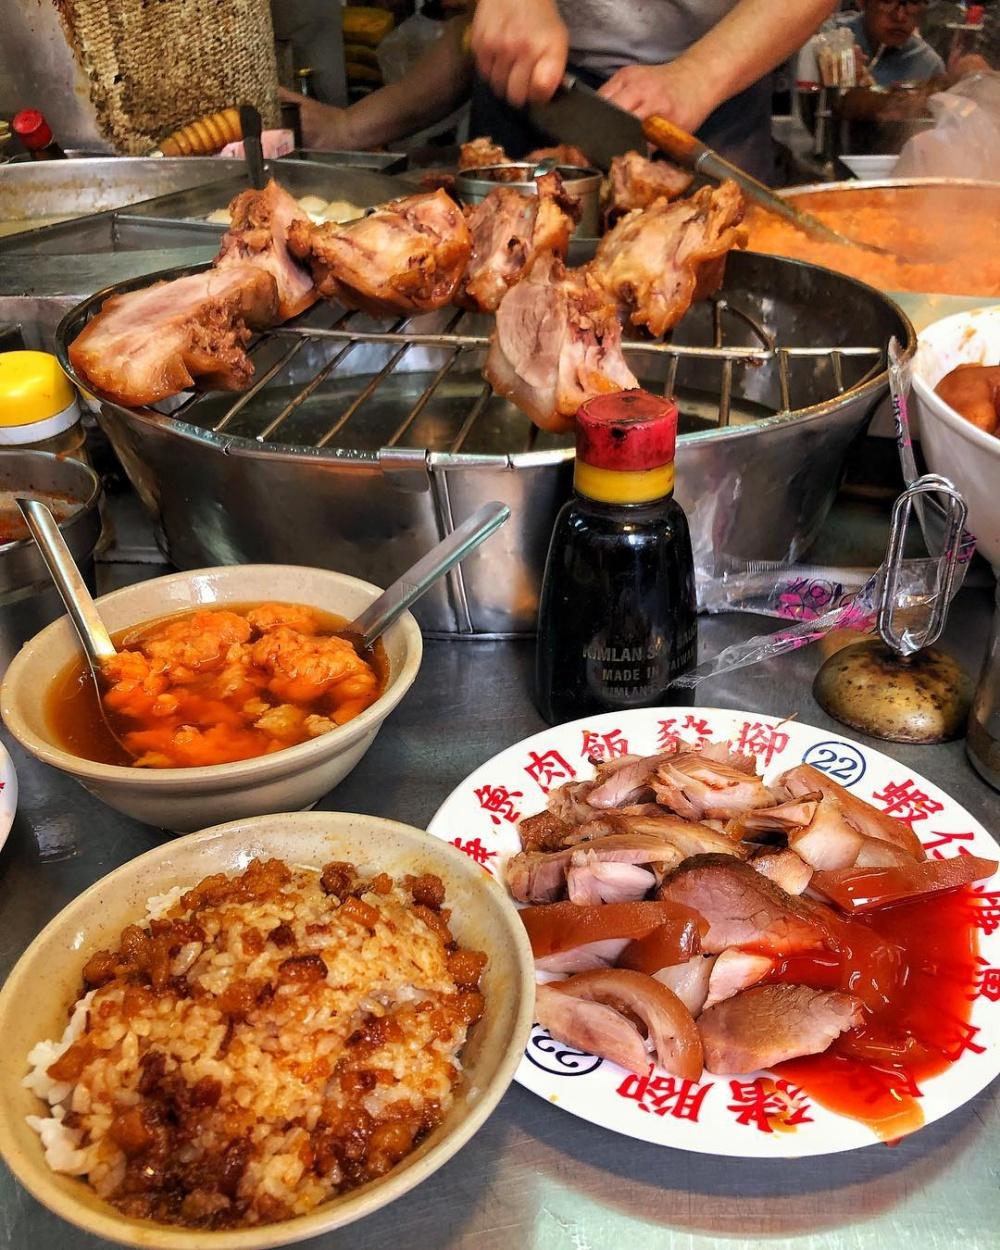 不少人從小吃到大的記憶美味,豬腳、滷肉飯和蝦仁羹是黃金組合。